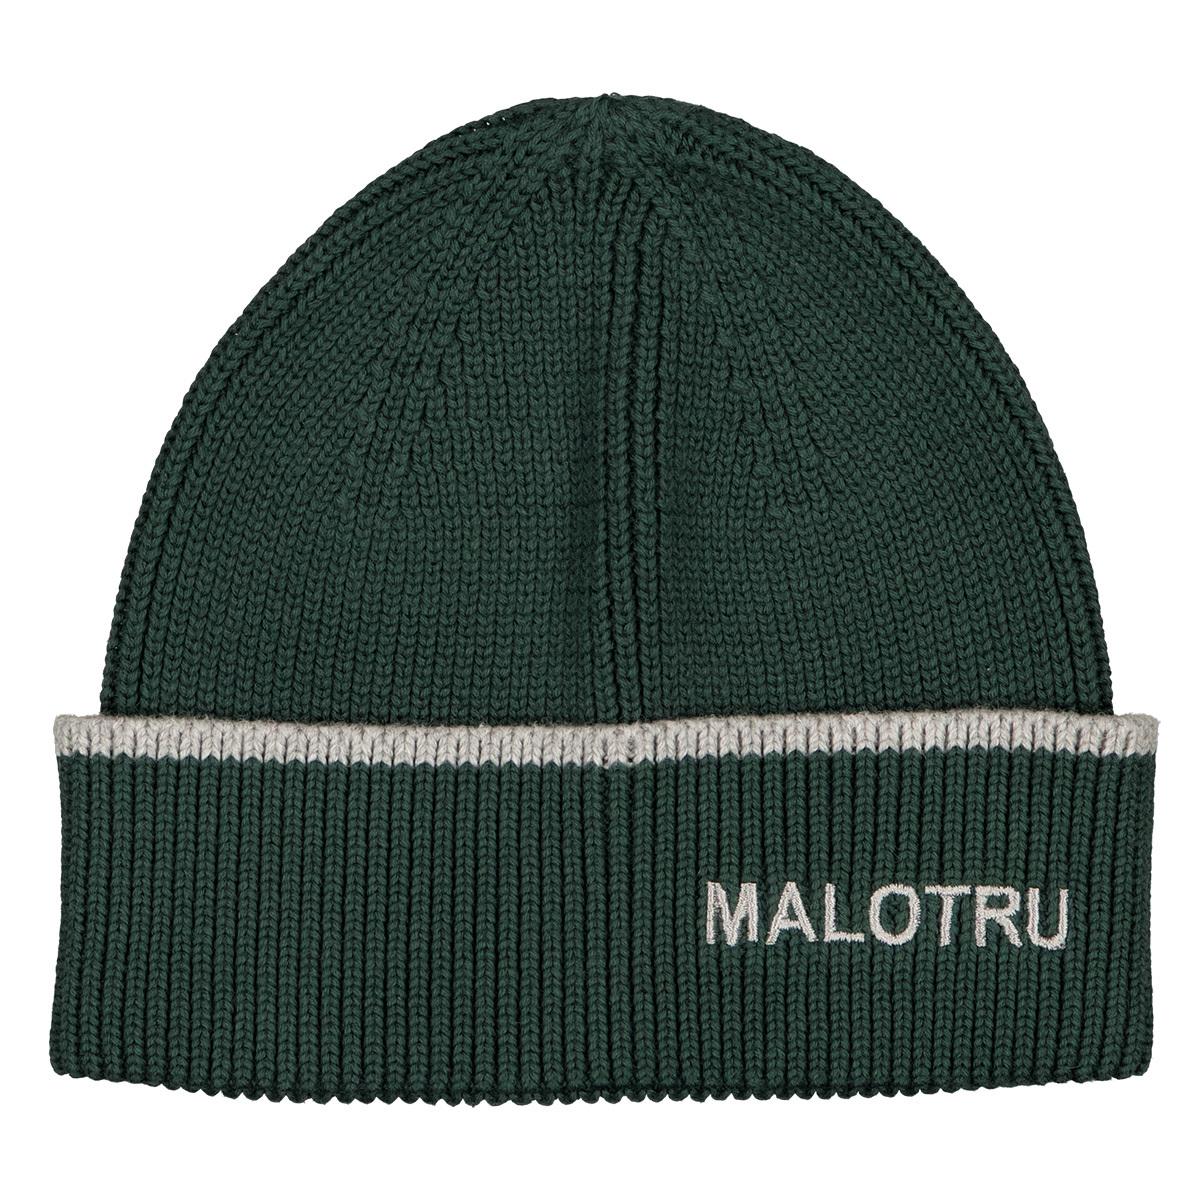 Accessoires bébé Bonnet Malotru - 9/24 Mois Bonnet Malotru - 9/24 Mois